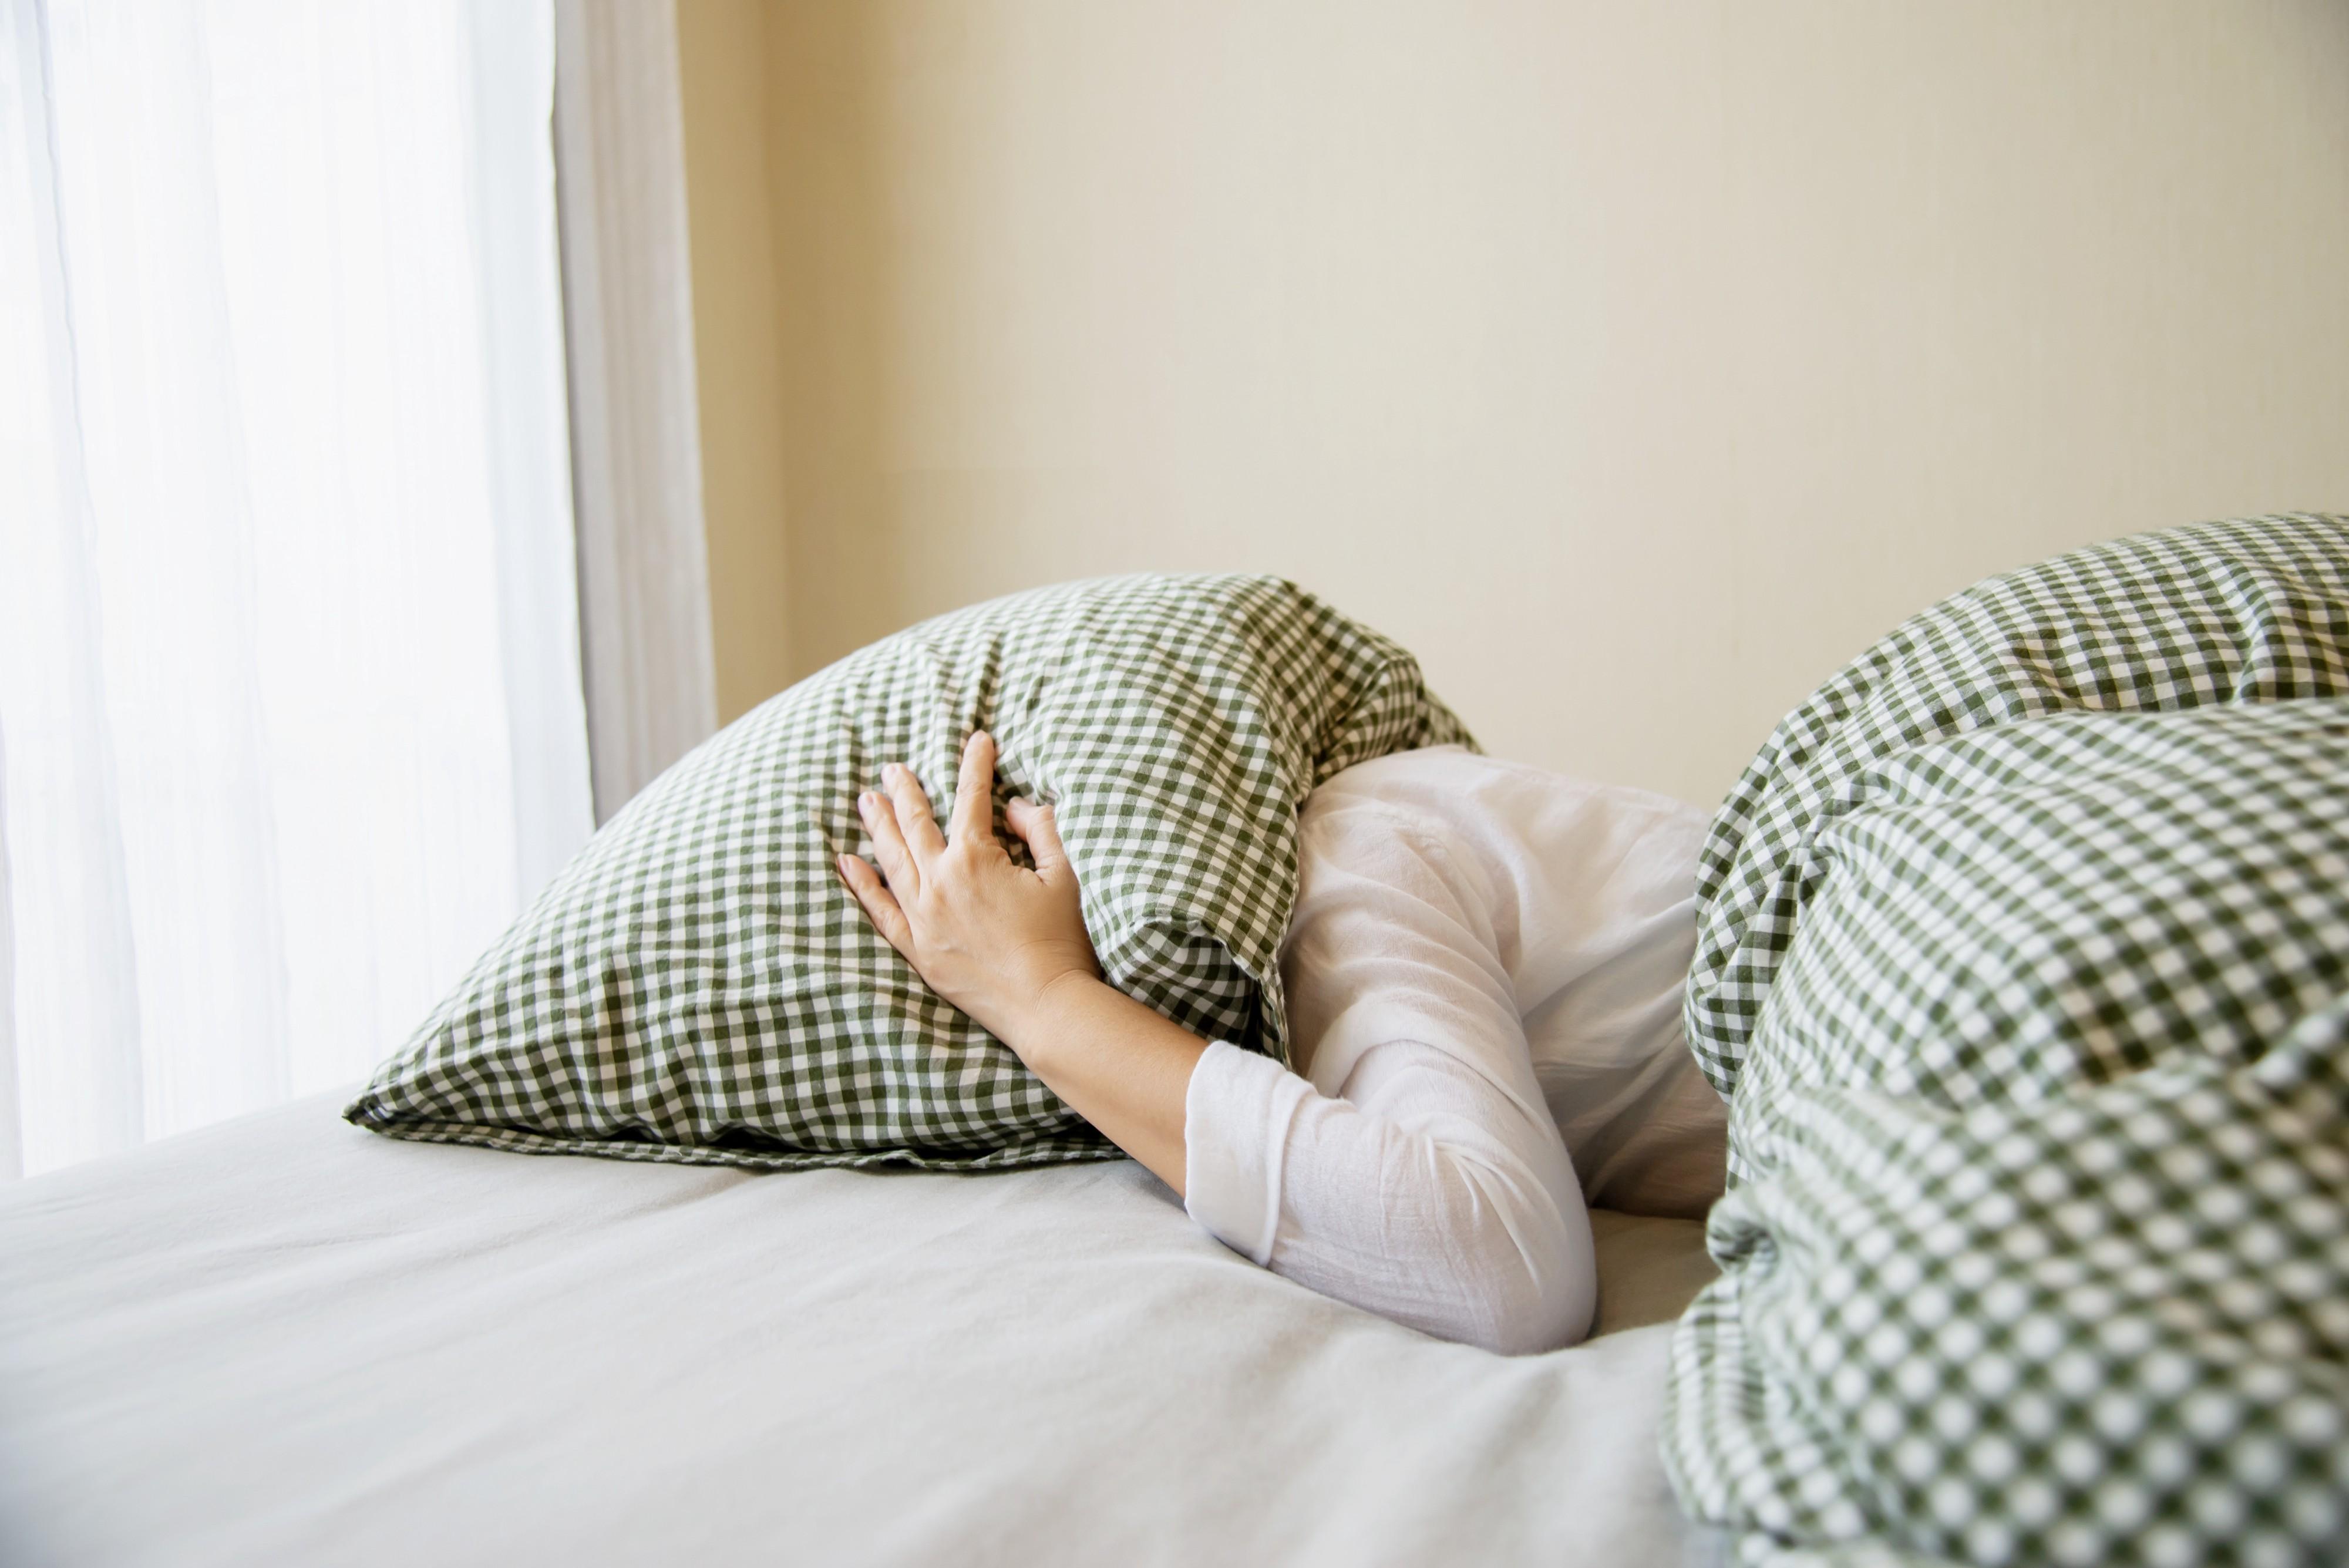 Spánok je veľmi dôležitou oblasťou nášho života